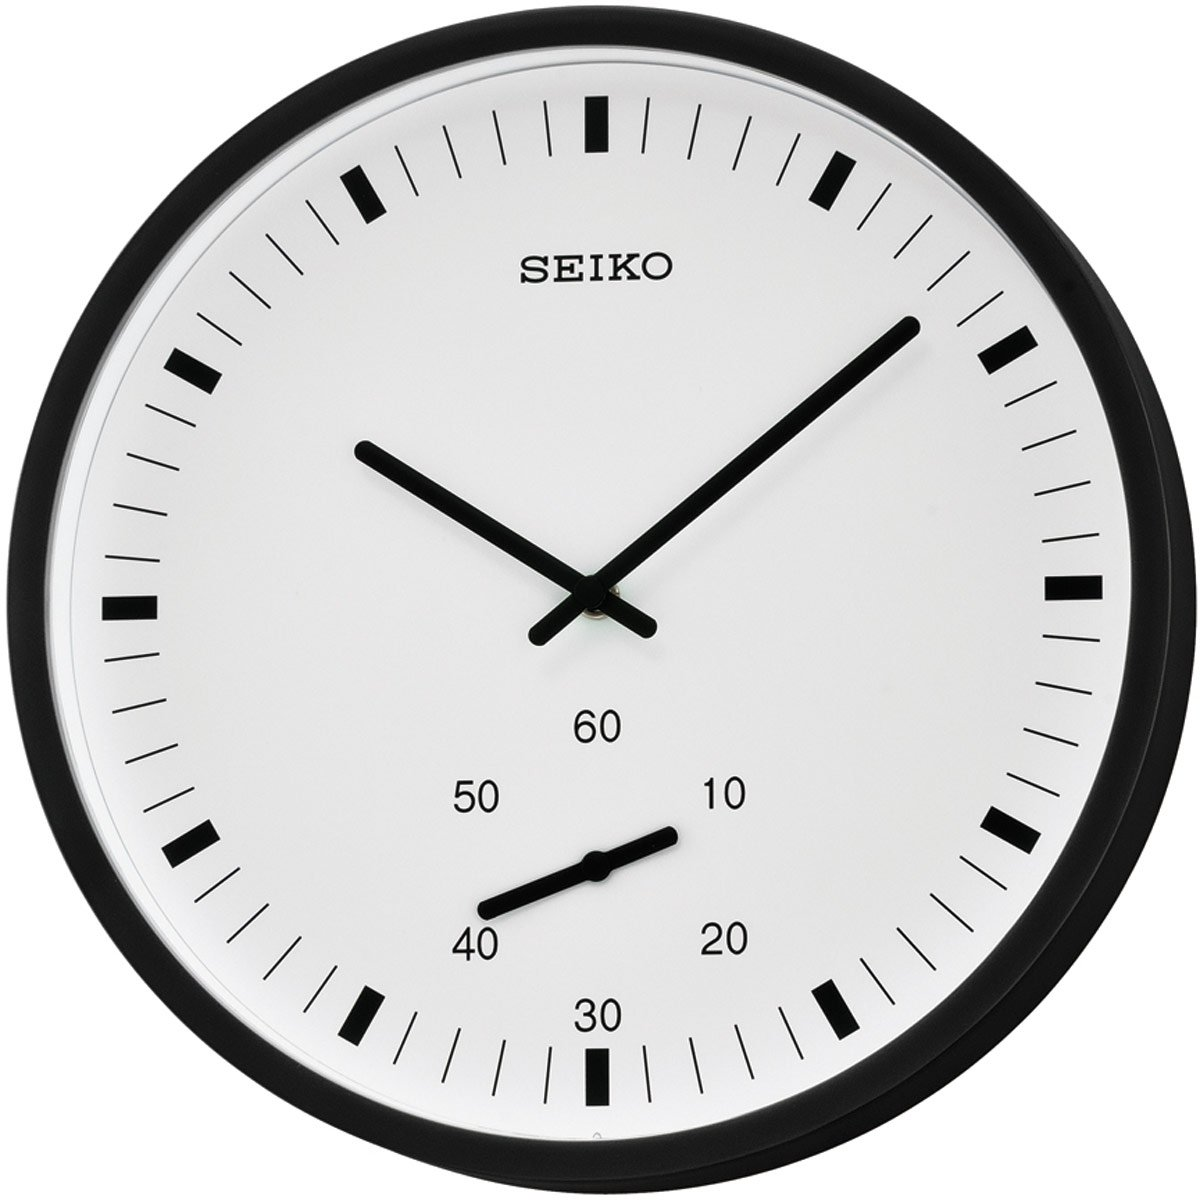 Seiko Qxa543k Quartz Wall Clock Uhrcenter Clocks Shop